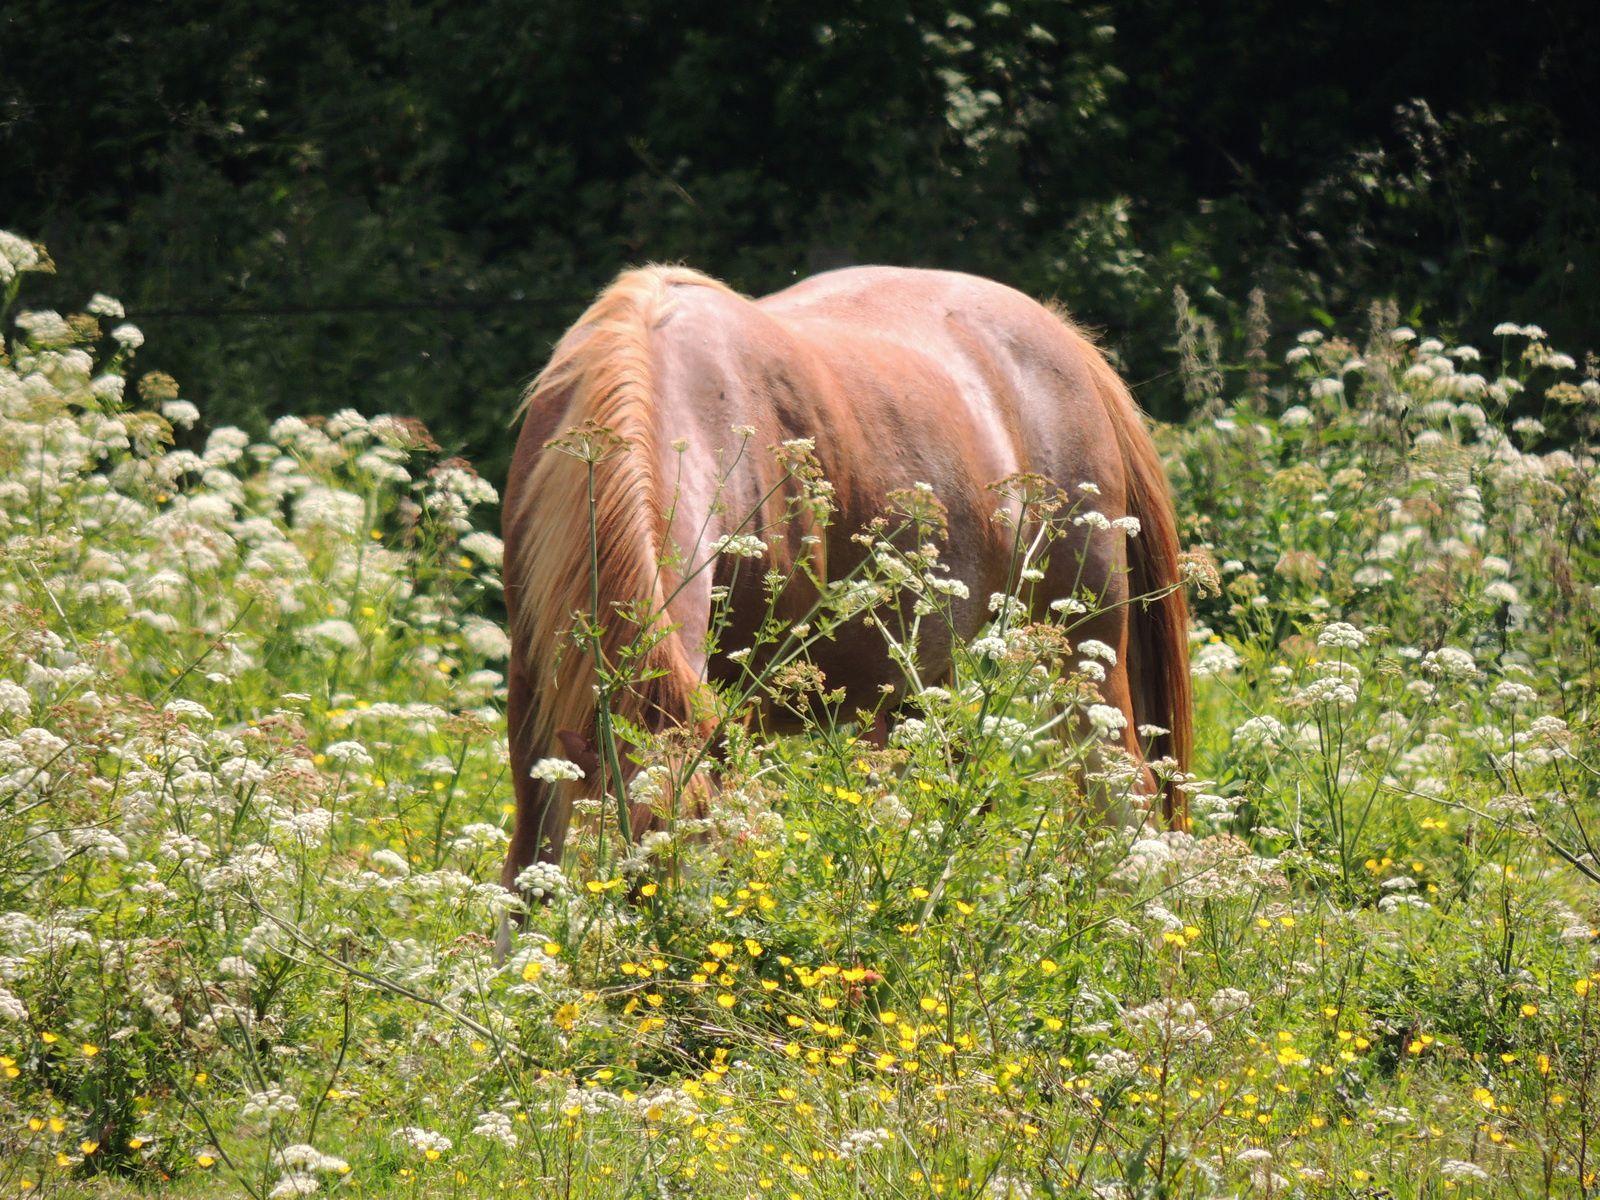 Cheval dans un pré avec herbe supérieure à 25 cm. Techniques d'élevage. Tous droits réservés.